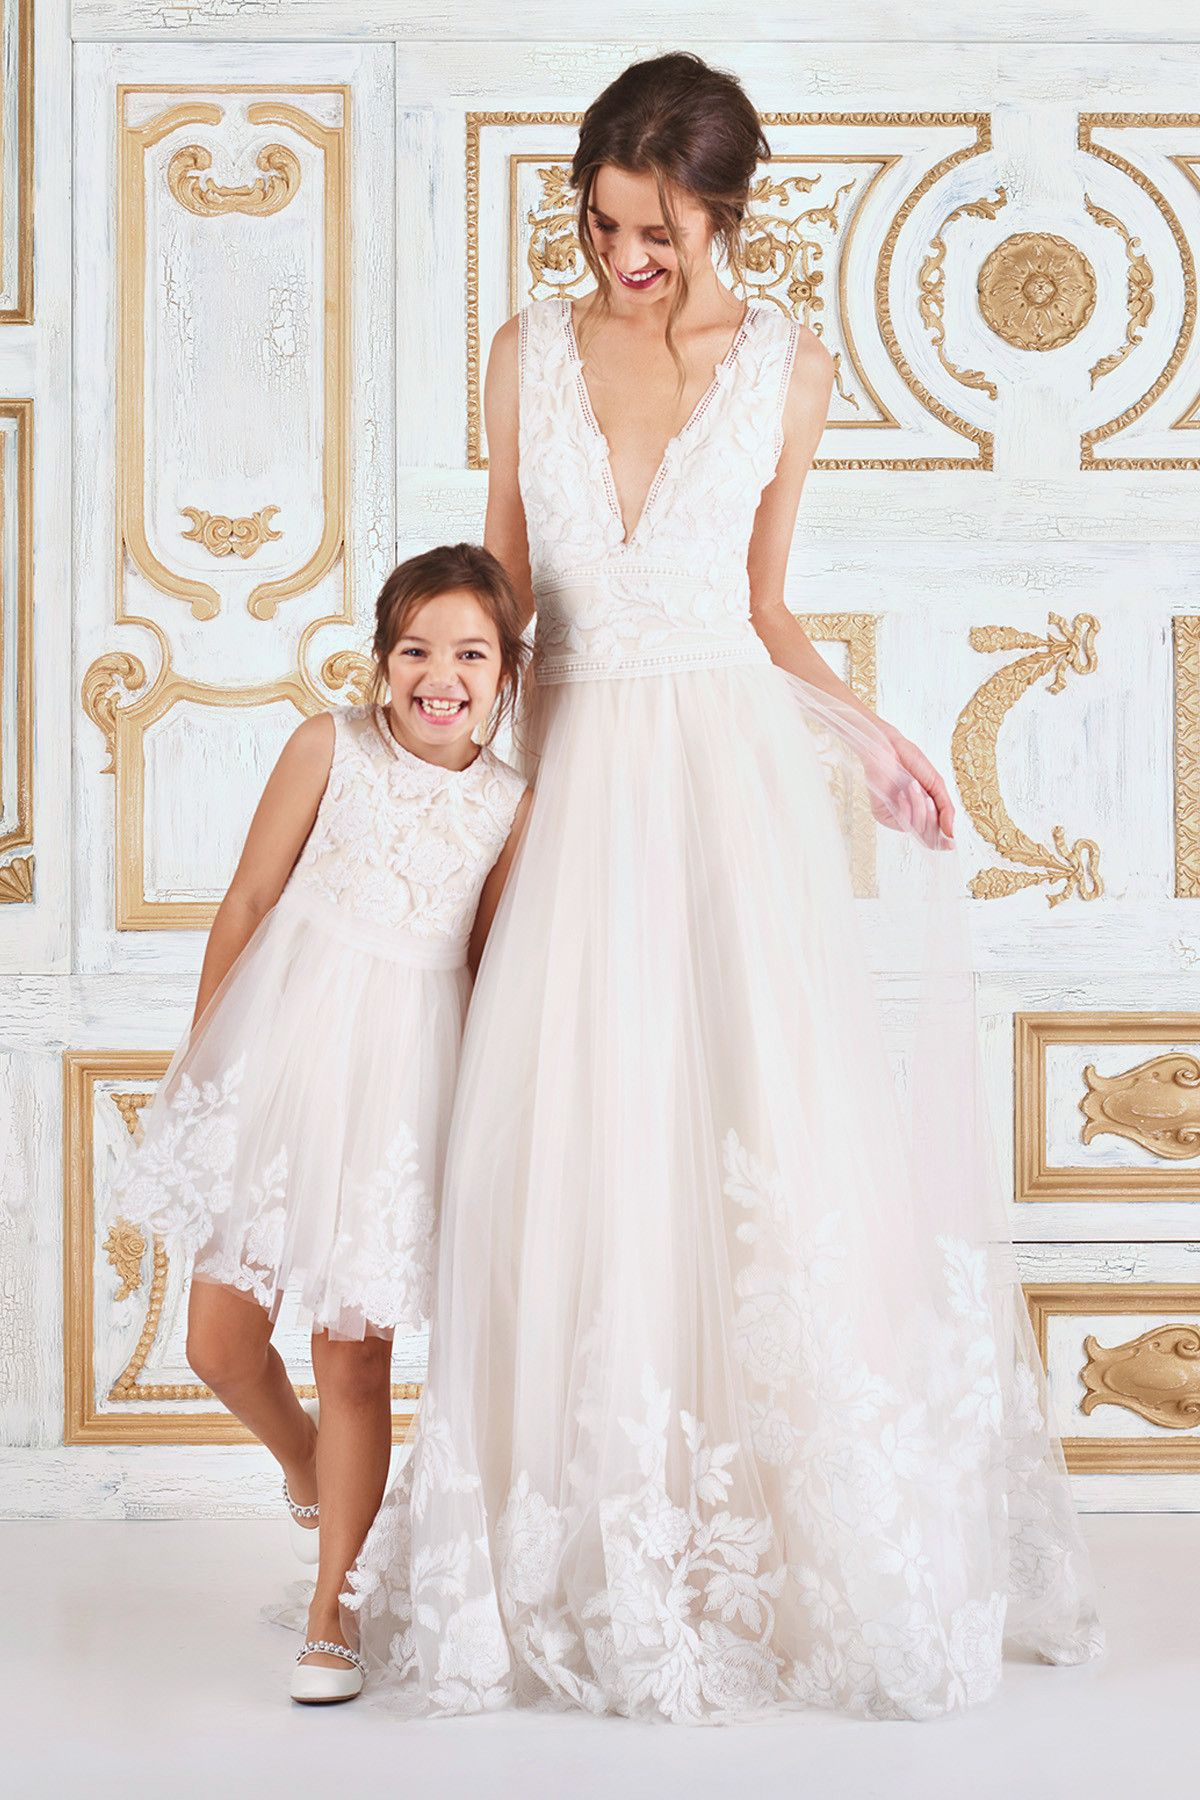 Tadashi Shoji Bridal - Jaslyn Ball Gown | courthouse wedding ...